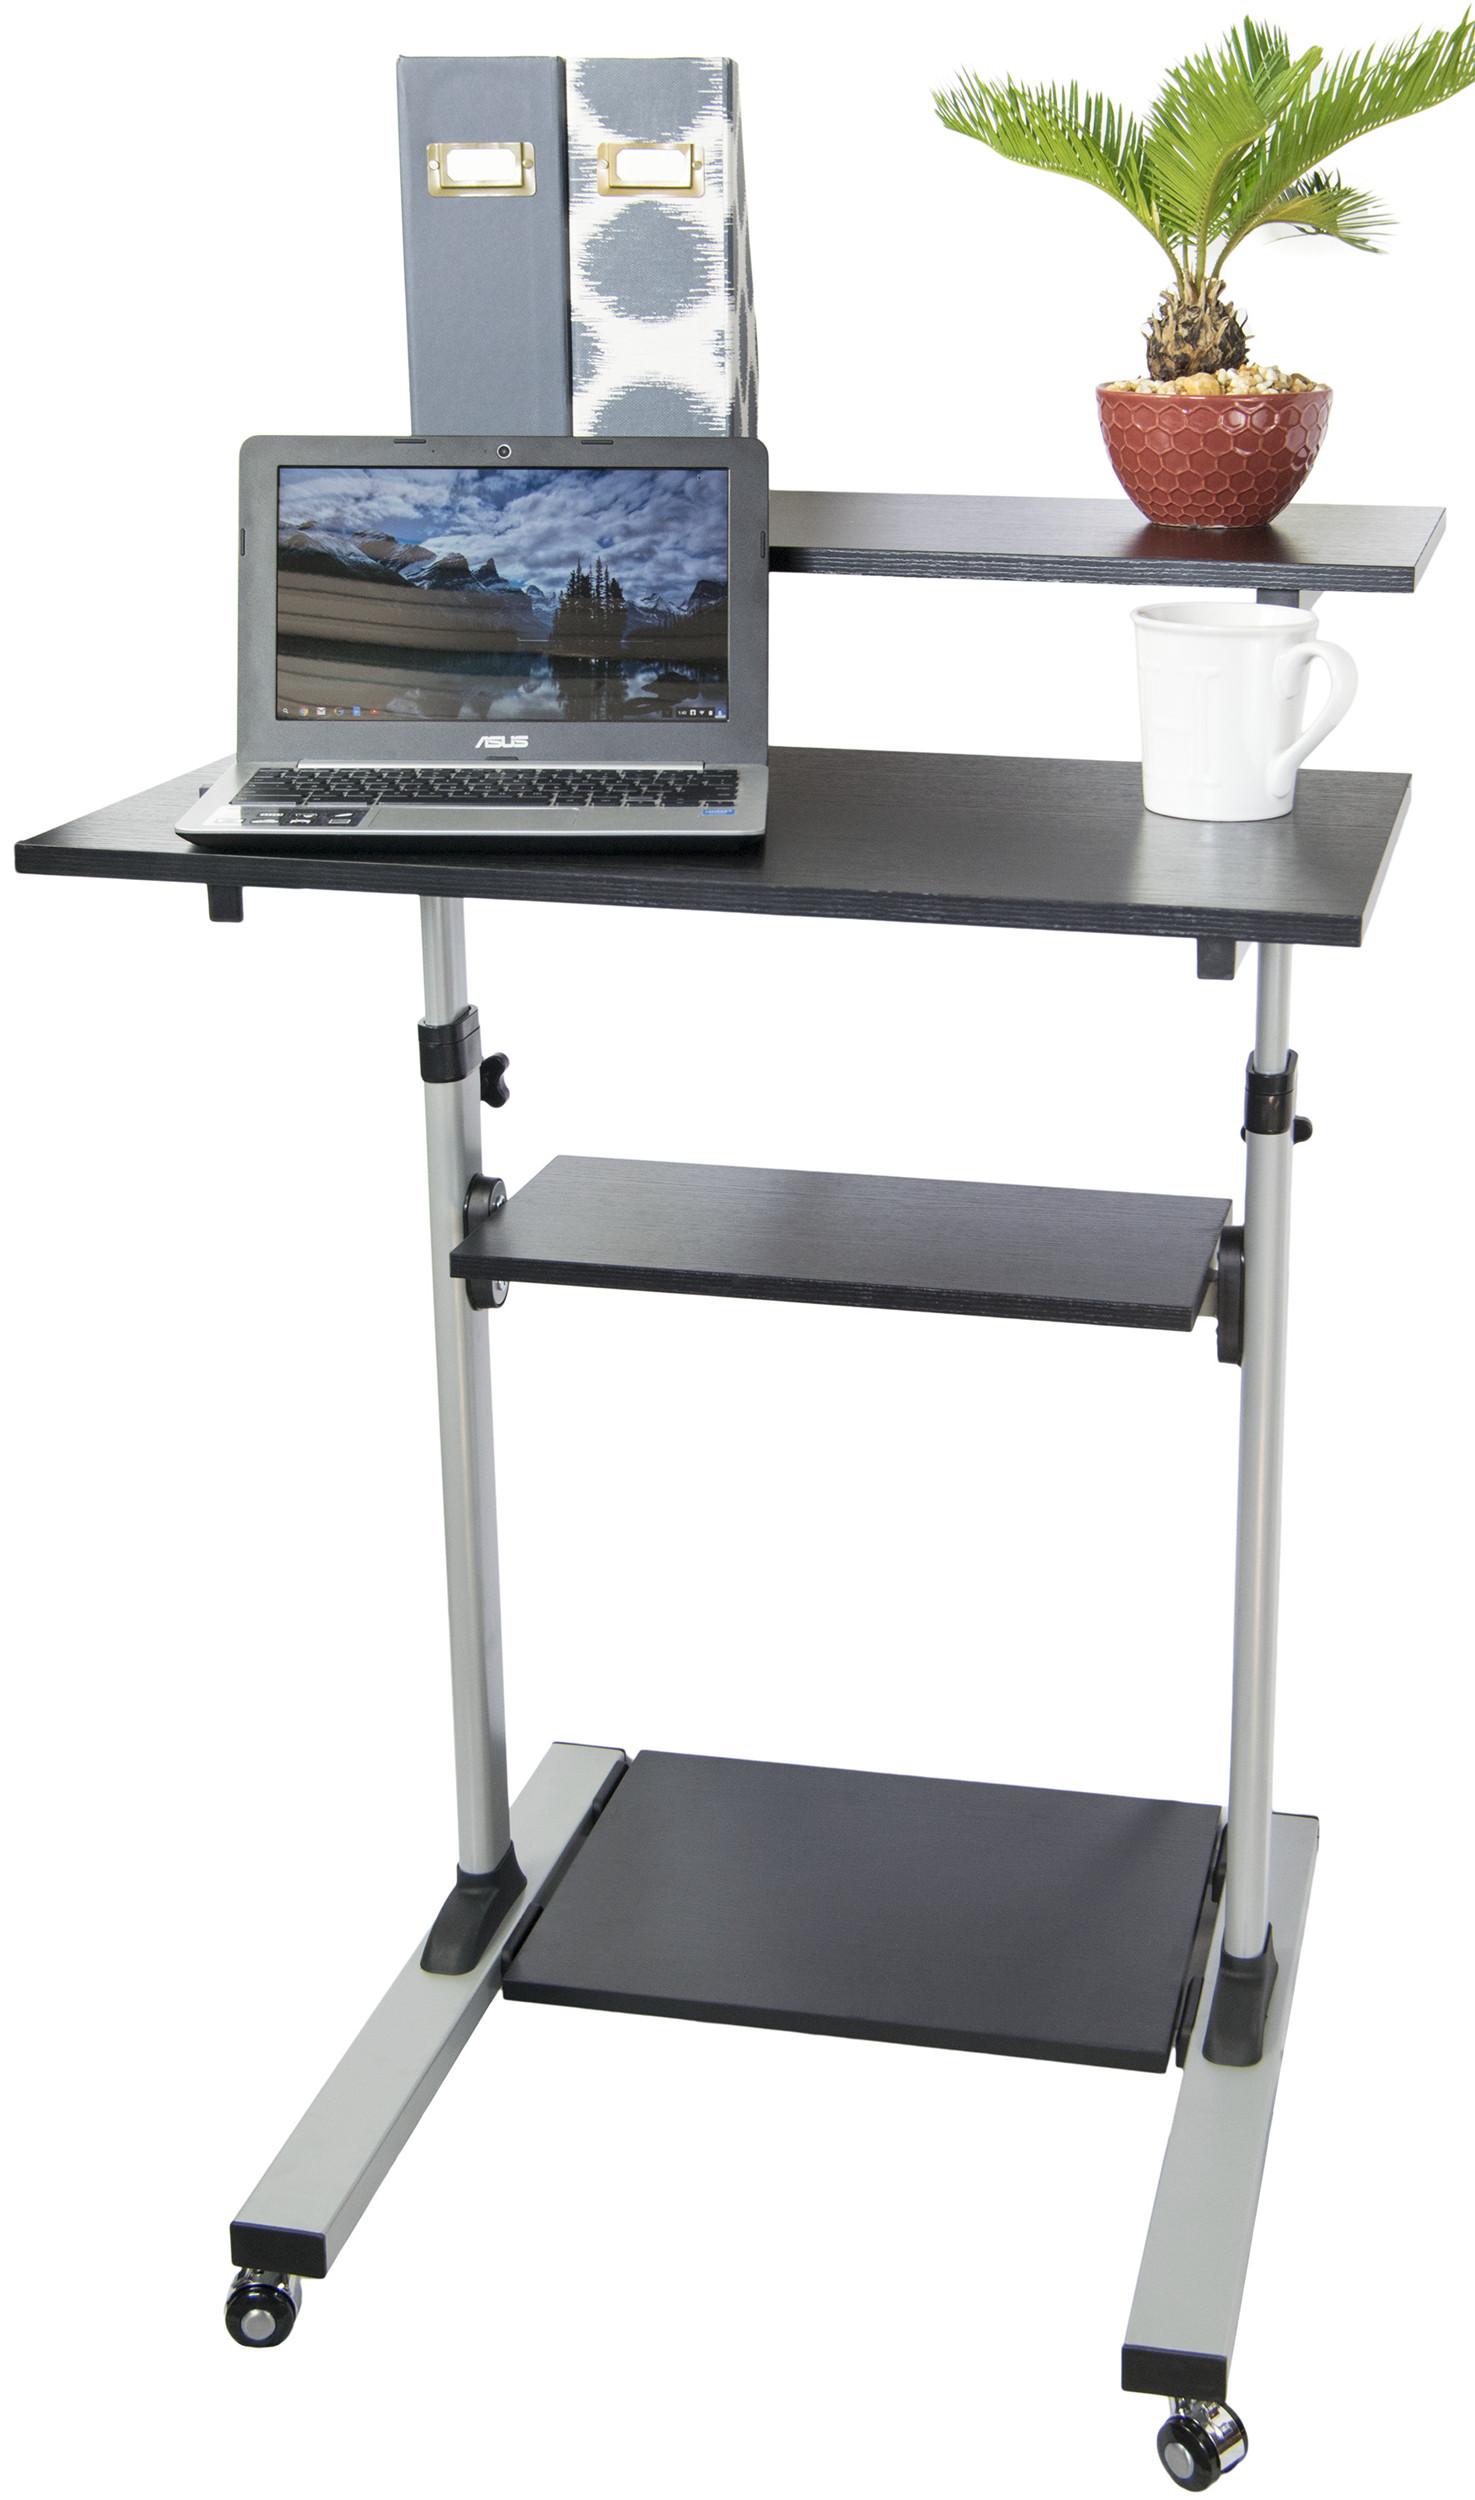 mobile height adjustable stand up desk computer work station presentation cart. Black Bedroom Furniture Sets. Home Design Ideas